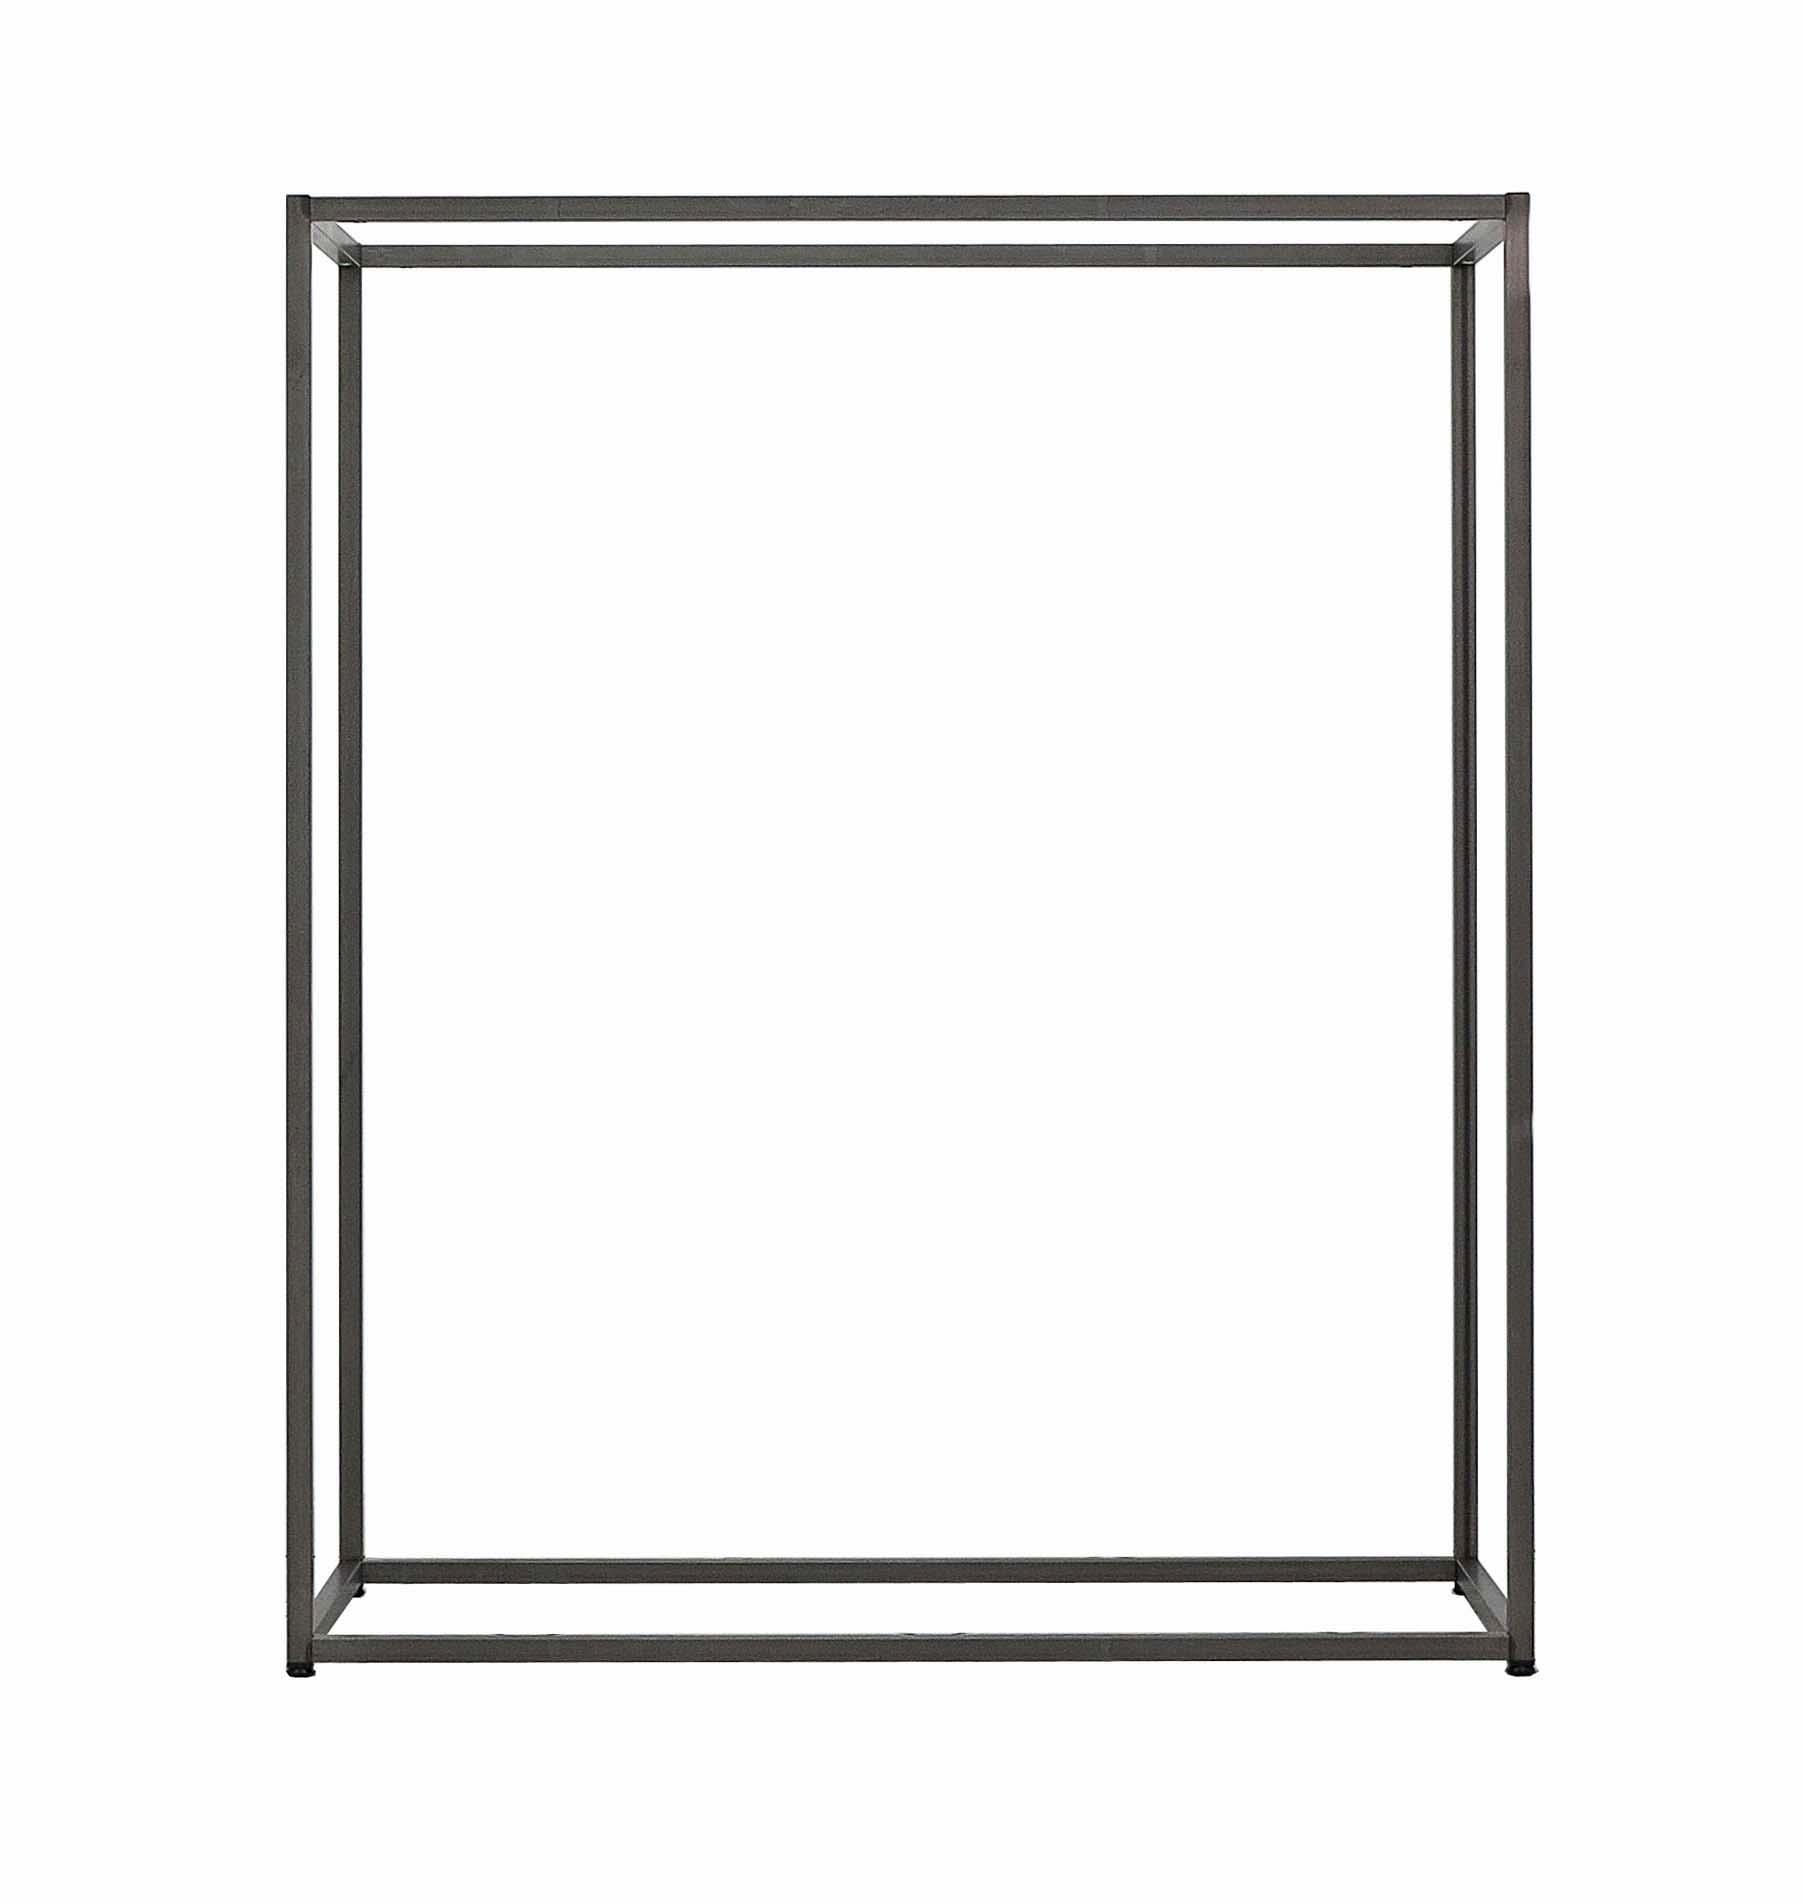 Stender trasparente opaco o trasparente lucido ?